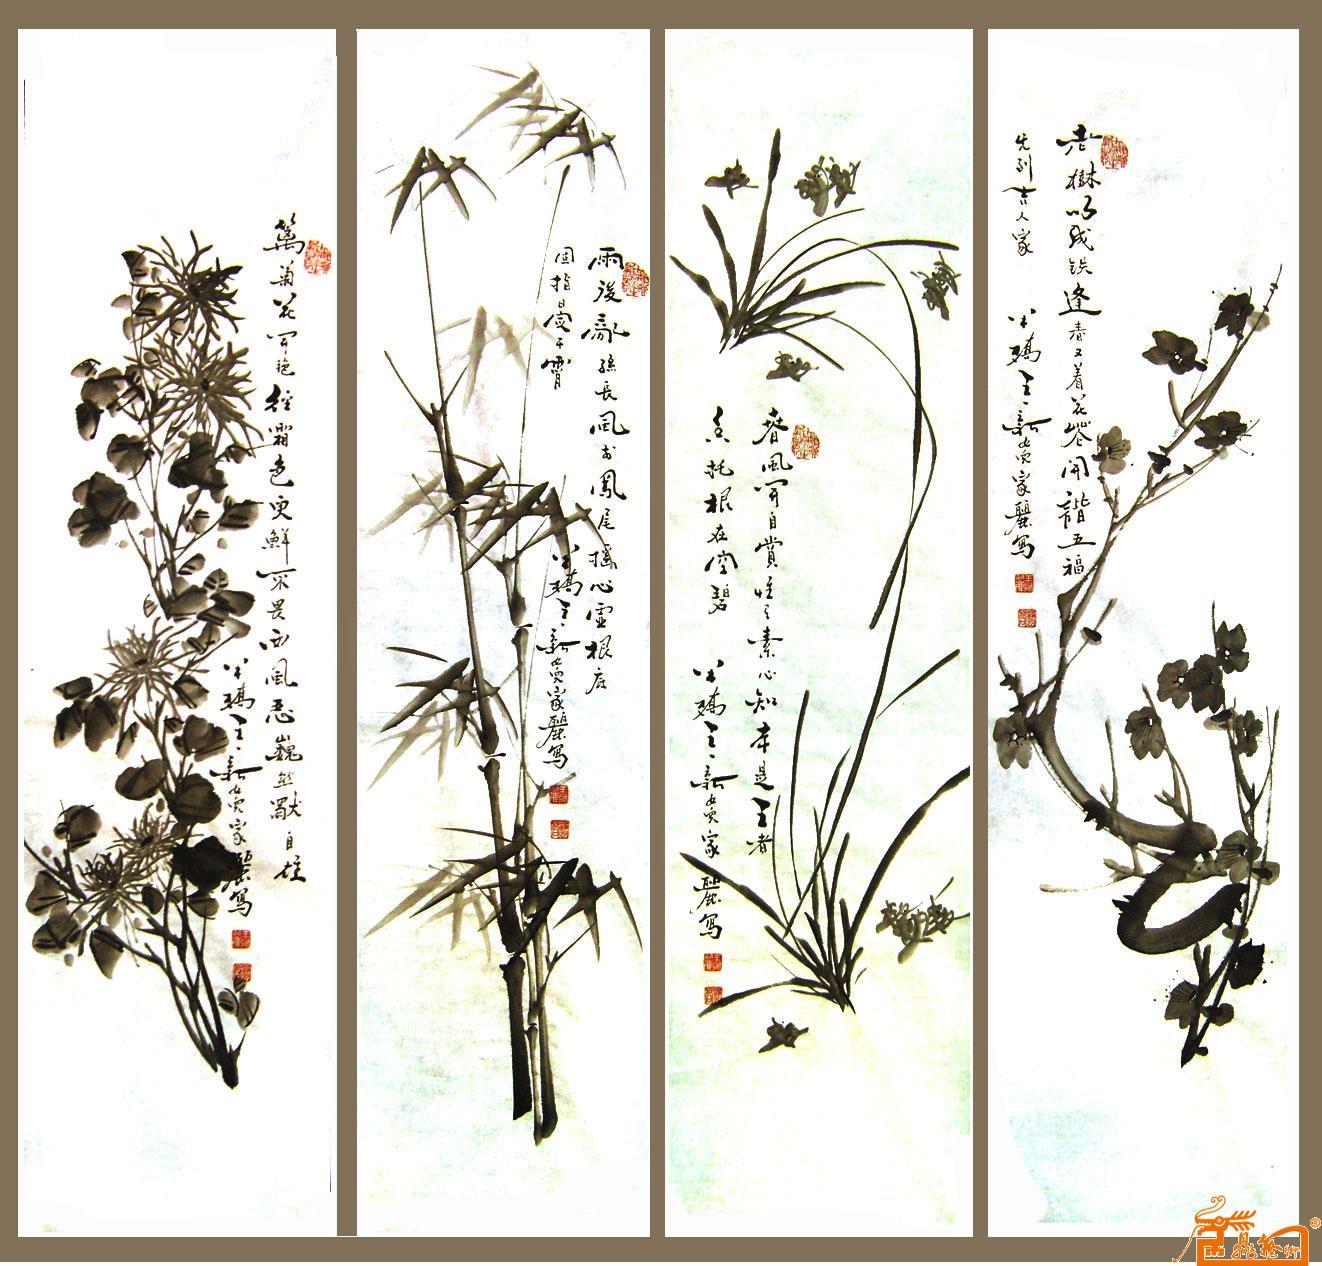 菊 淘宝 名人字画 中国书画交易中心 中国书画销售中心 中国书画拍卖